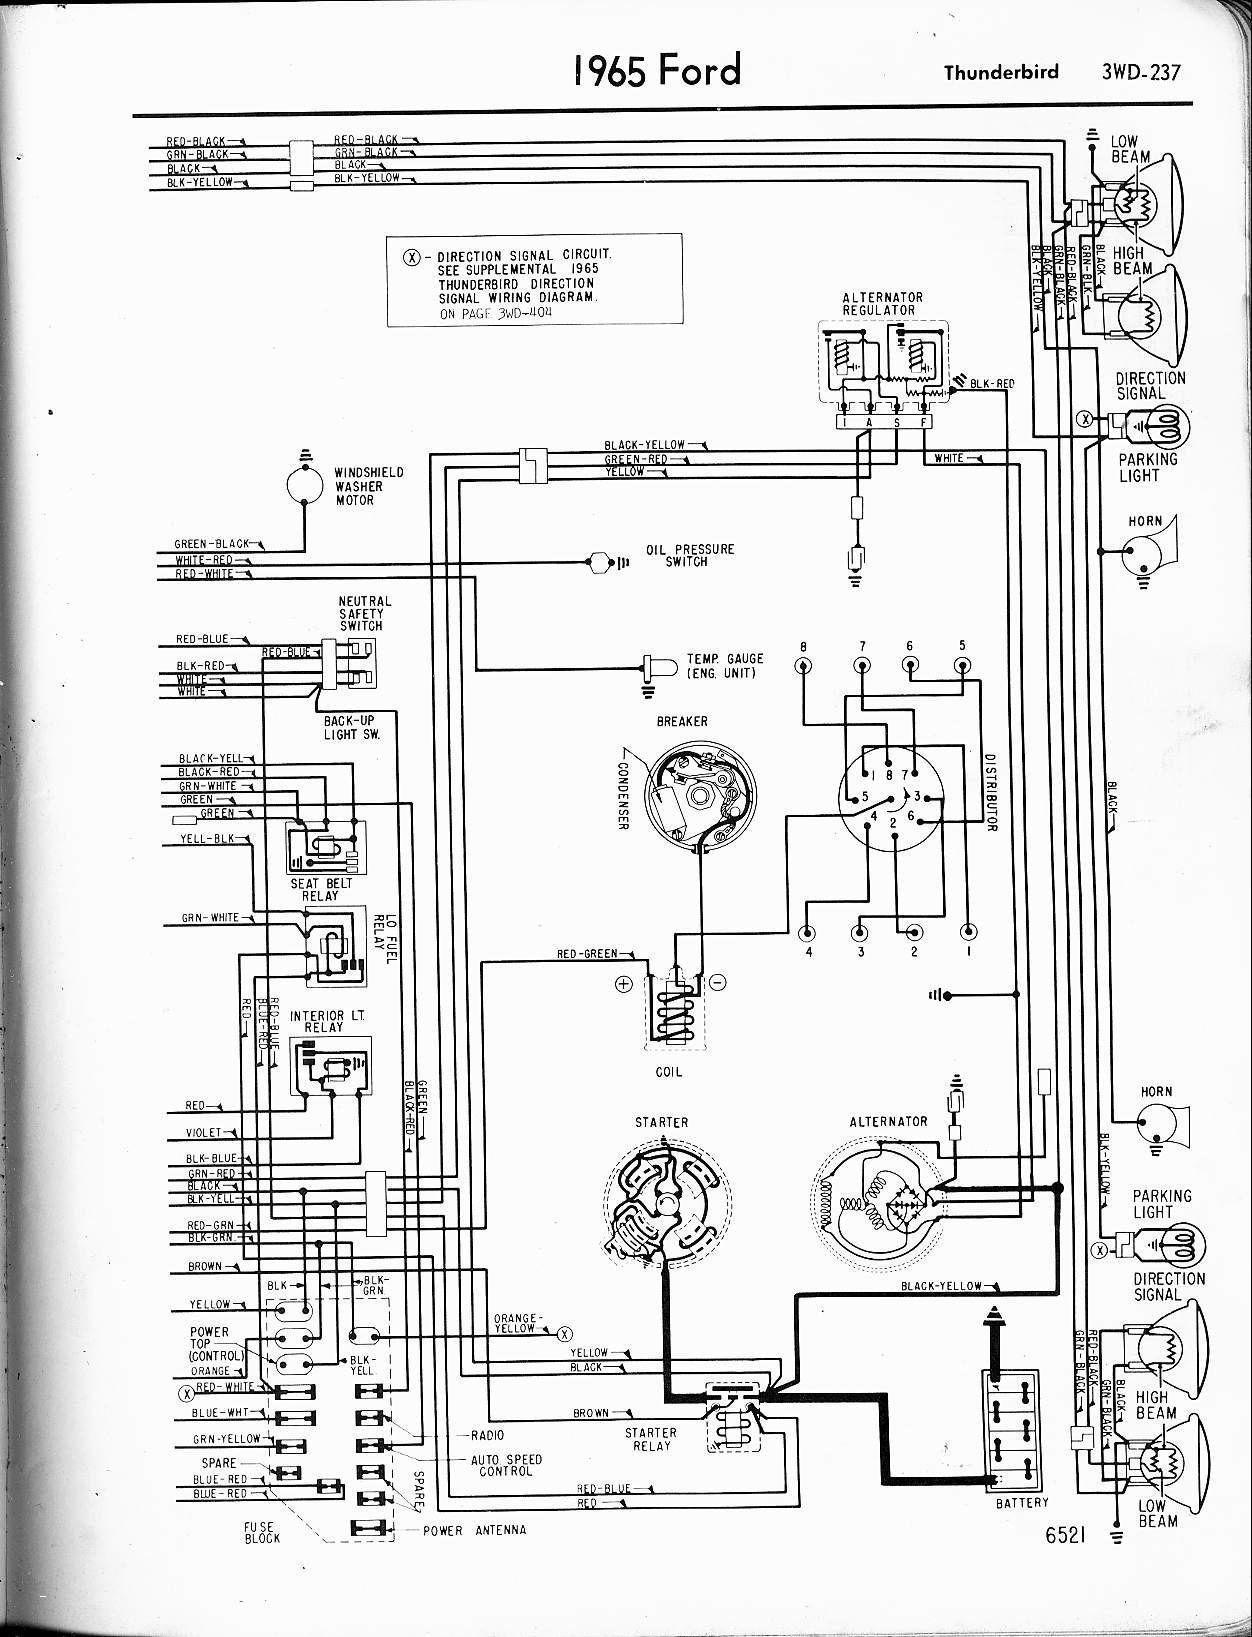 denso 101211 1420 suzuki wiring diagram wiring diagram online Denso 210 0406 Alternator Wiring Diagram denso one wire alternator wiring diagram denso alternator wiring denso 101211 1420 suzuki wiring diagram